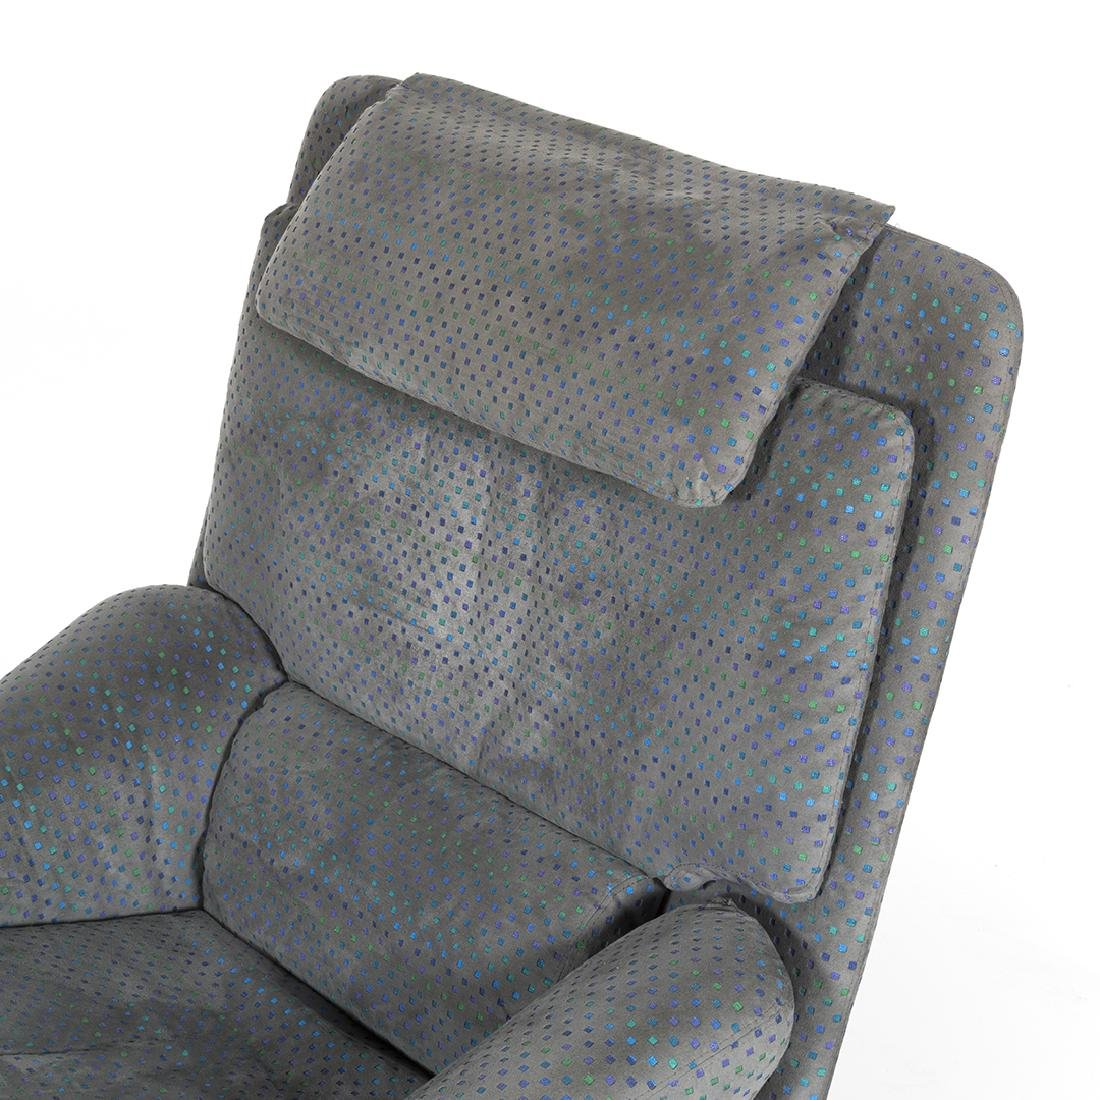 Saporiti Lounge Chair and Ottoman - 6